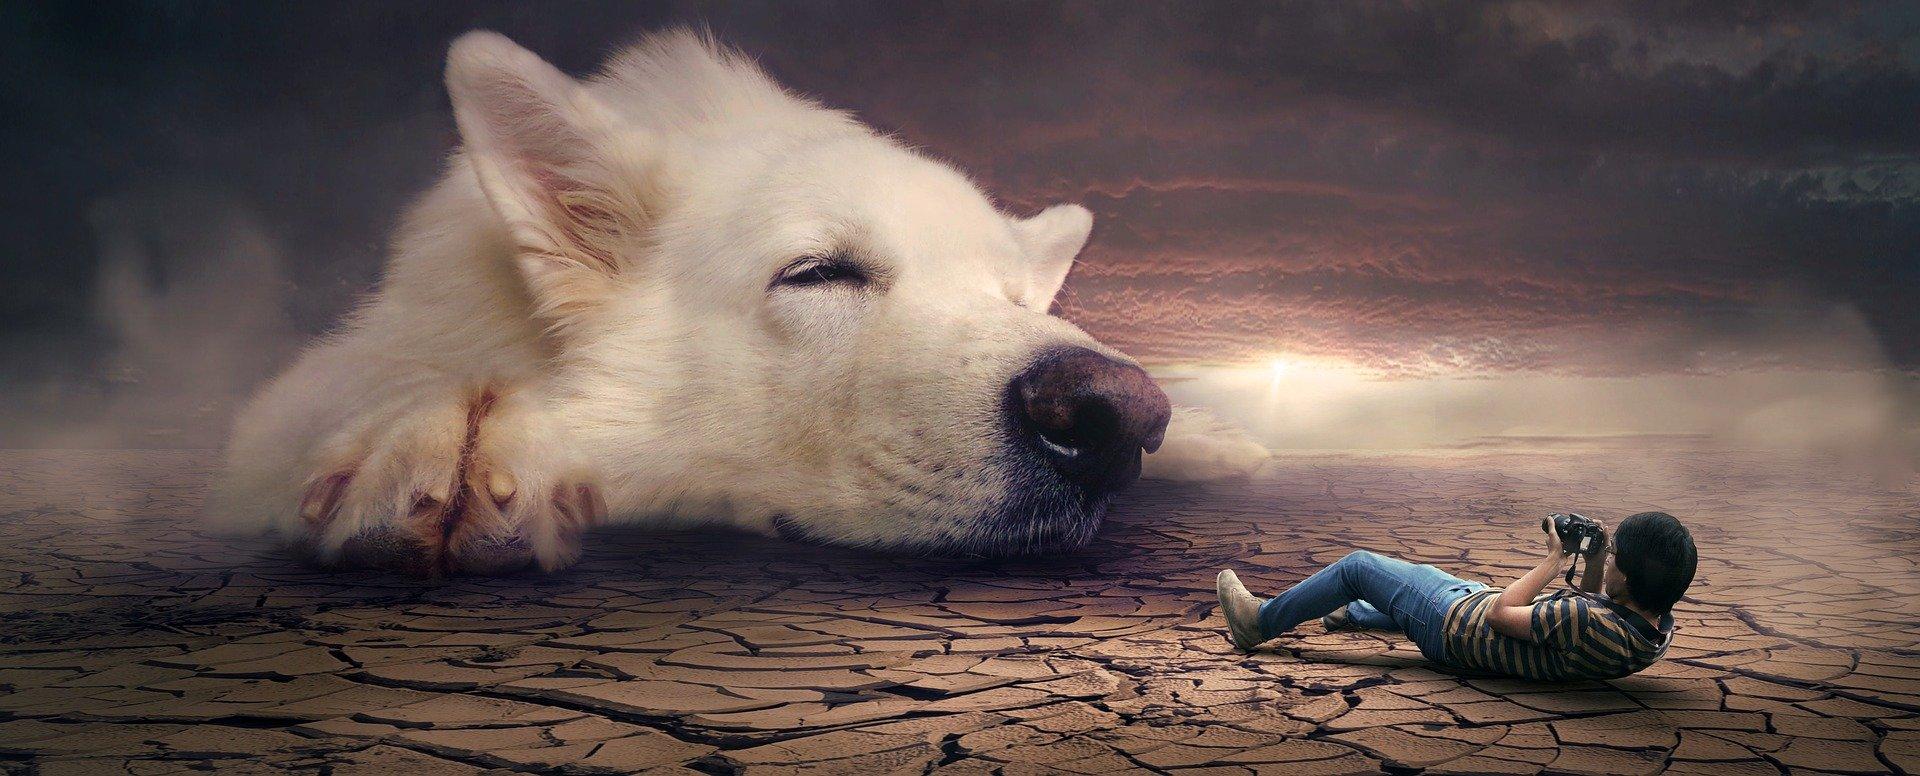 Traumdeutung: Ein Mann liegt auf dem Boden und schaut durch seine Kamera auf einen großen weißen Hund, von dem nur der Kopf zu sehen ist.